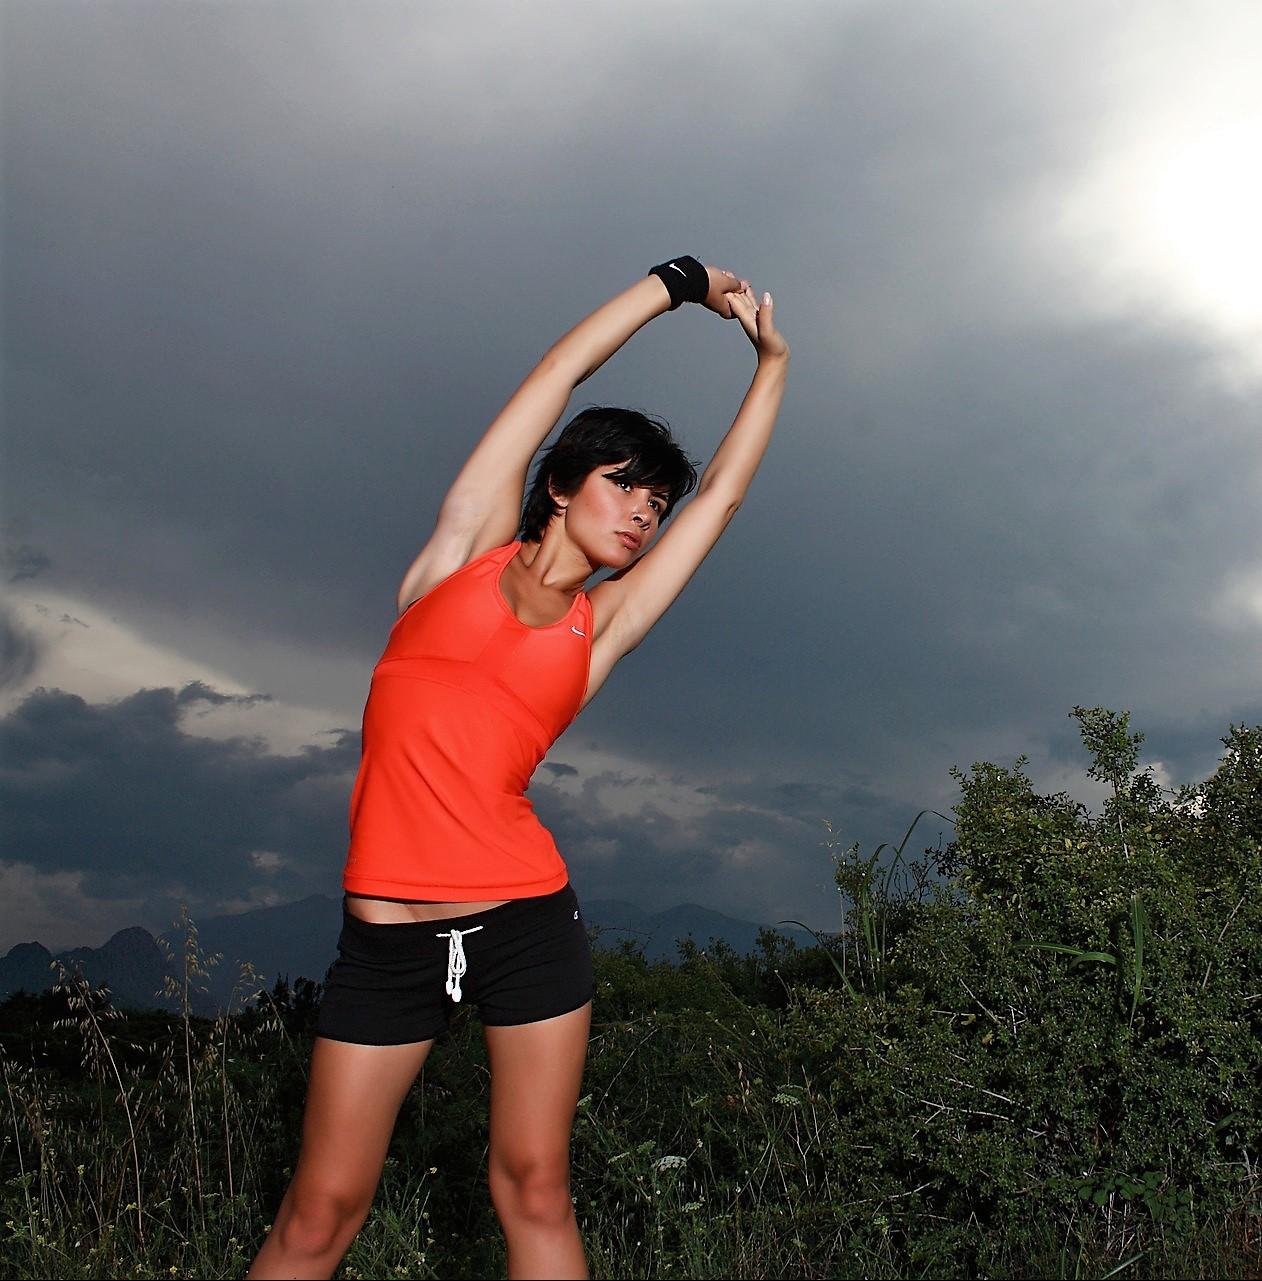 1. บ่อยแค่ไหน กับการออกกำลังกาย